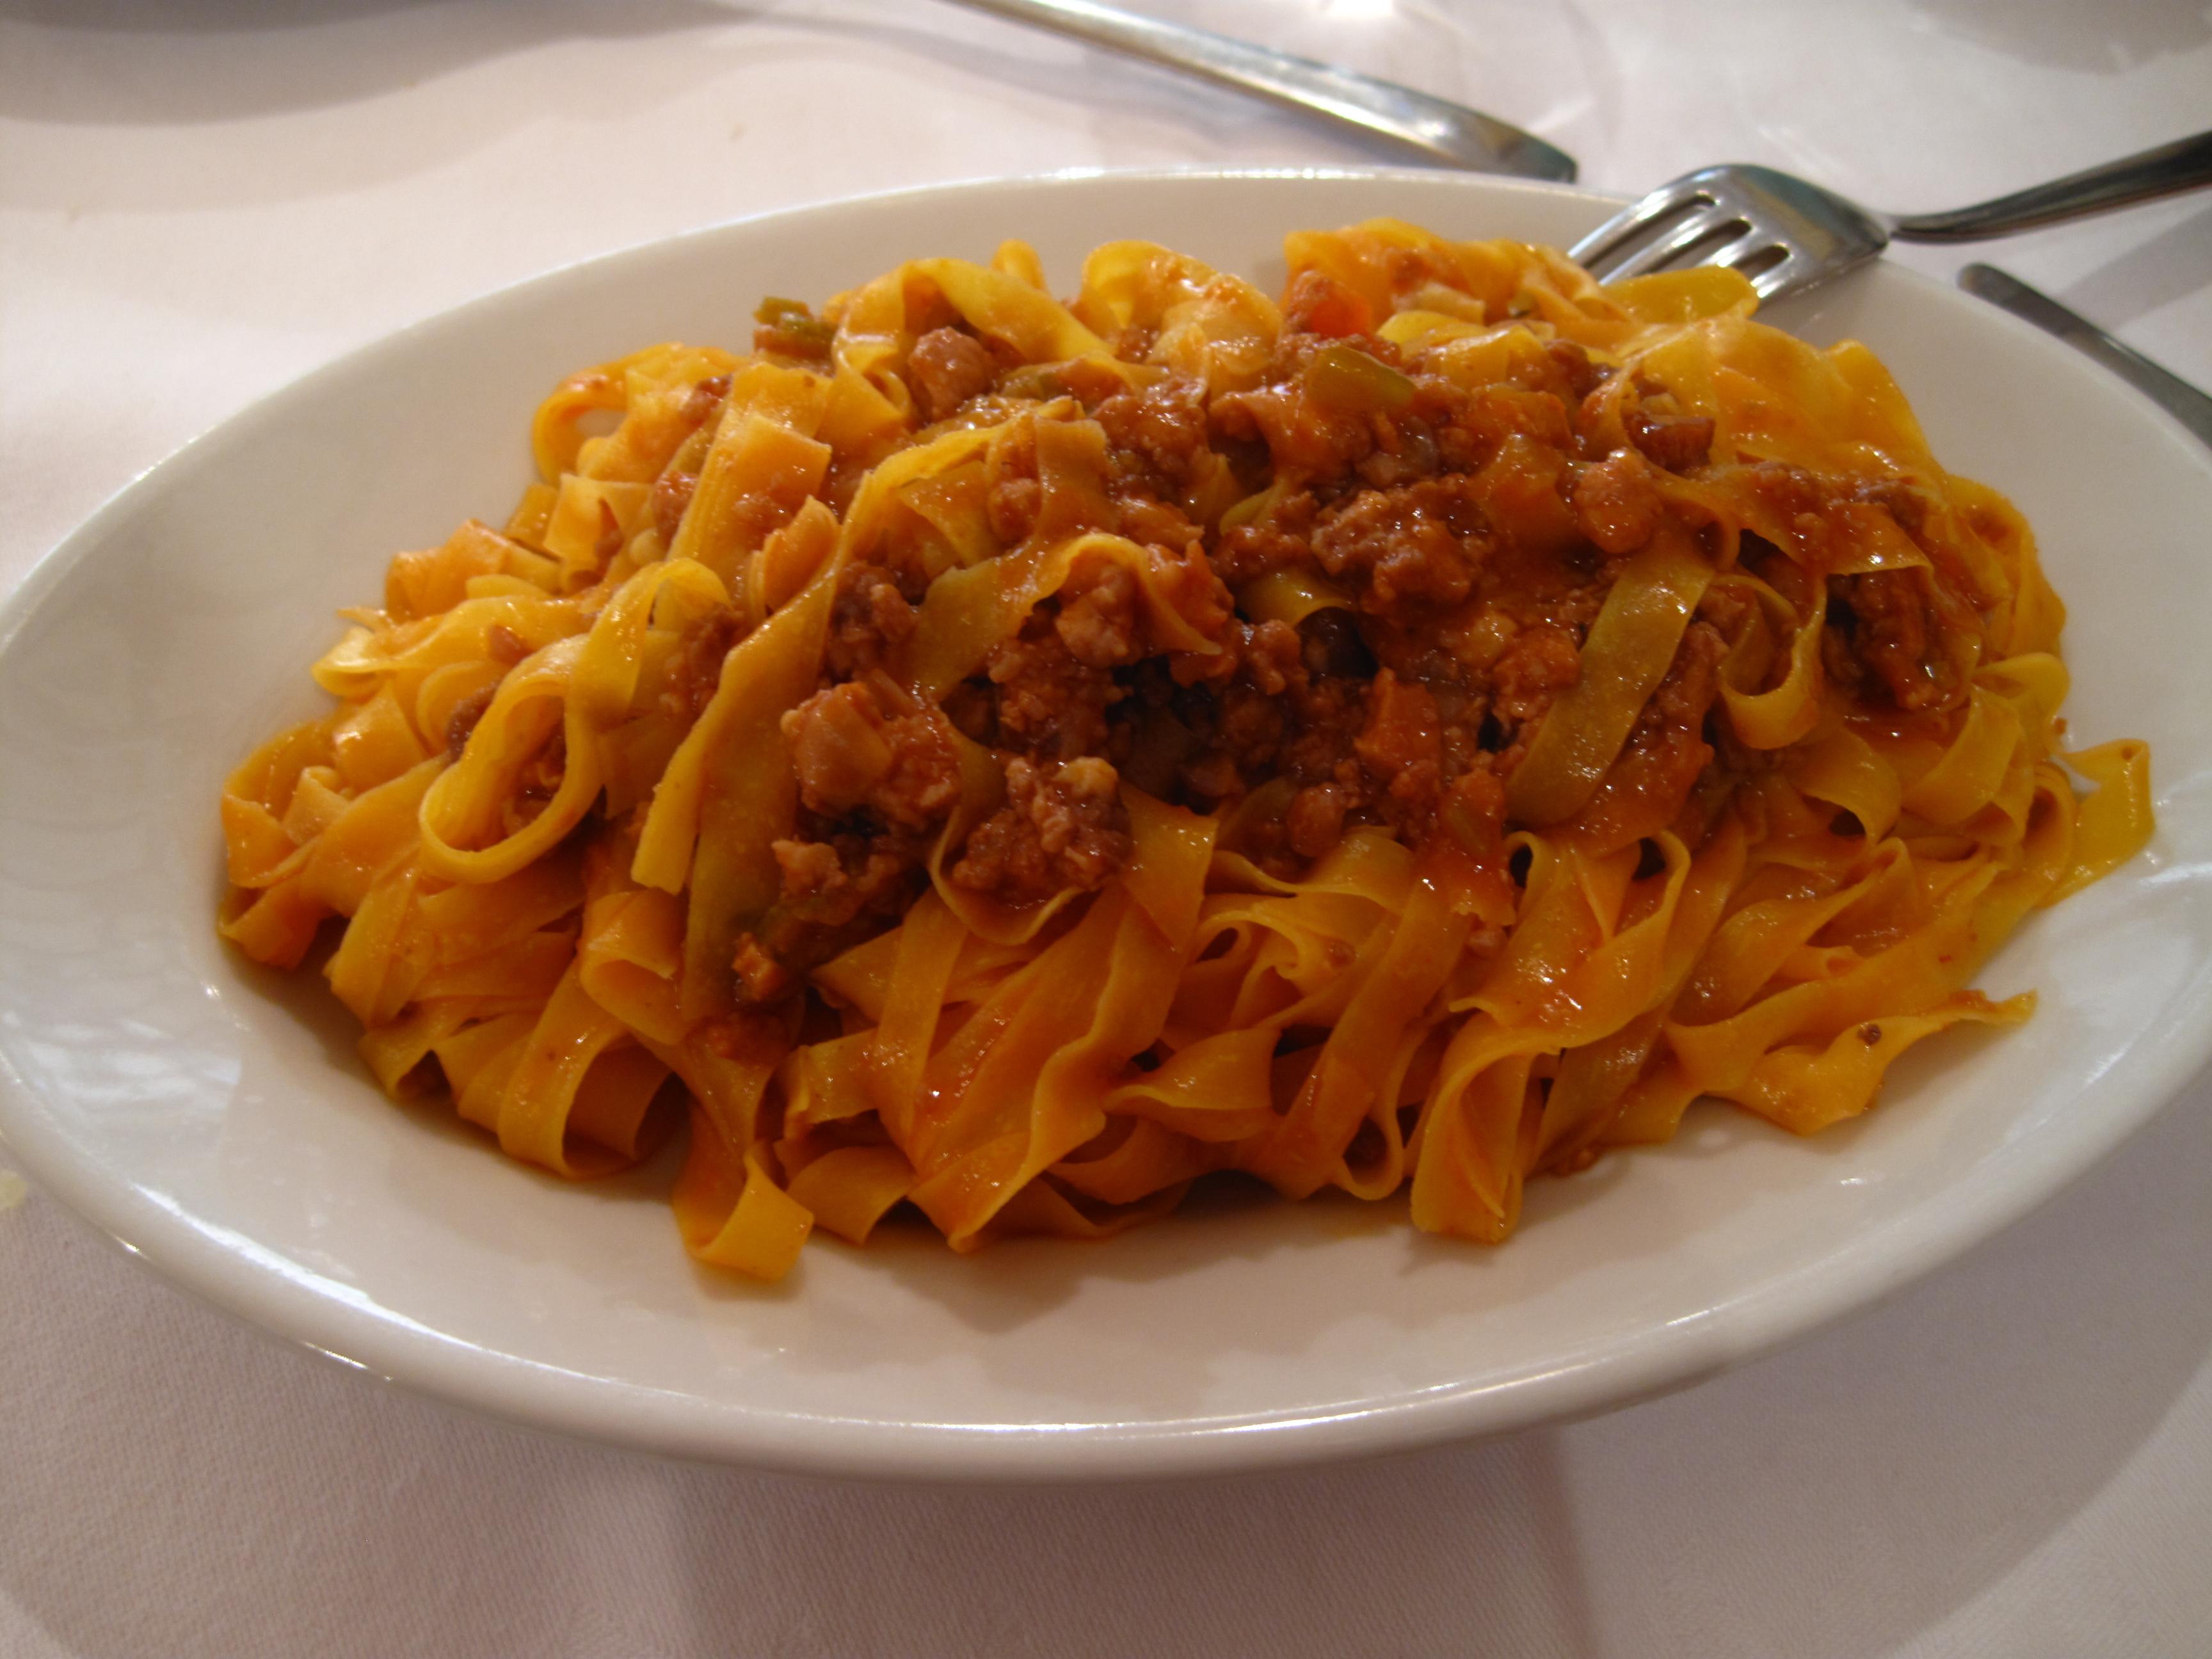 The Best of Bologna: spaghetti versus tagliatelle